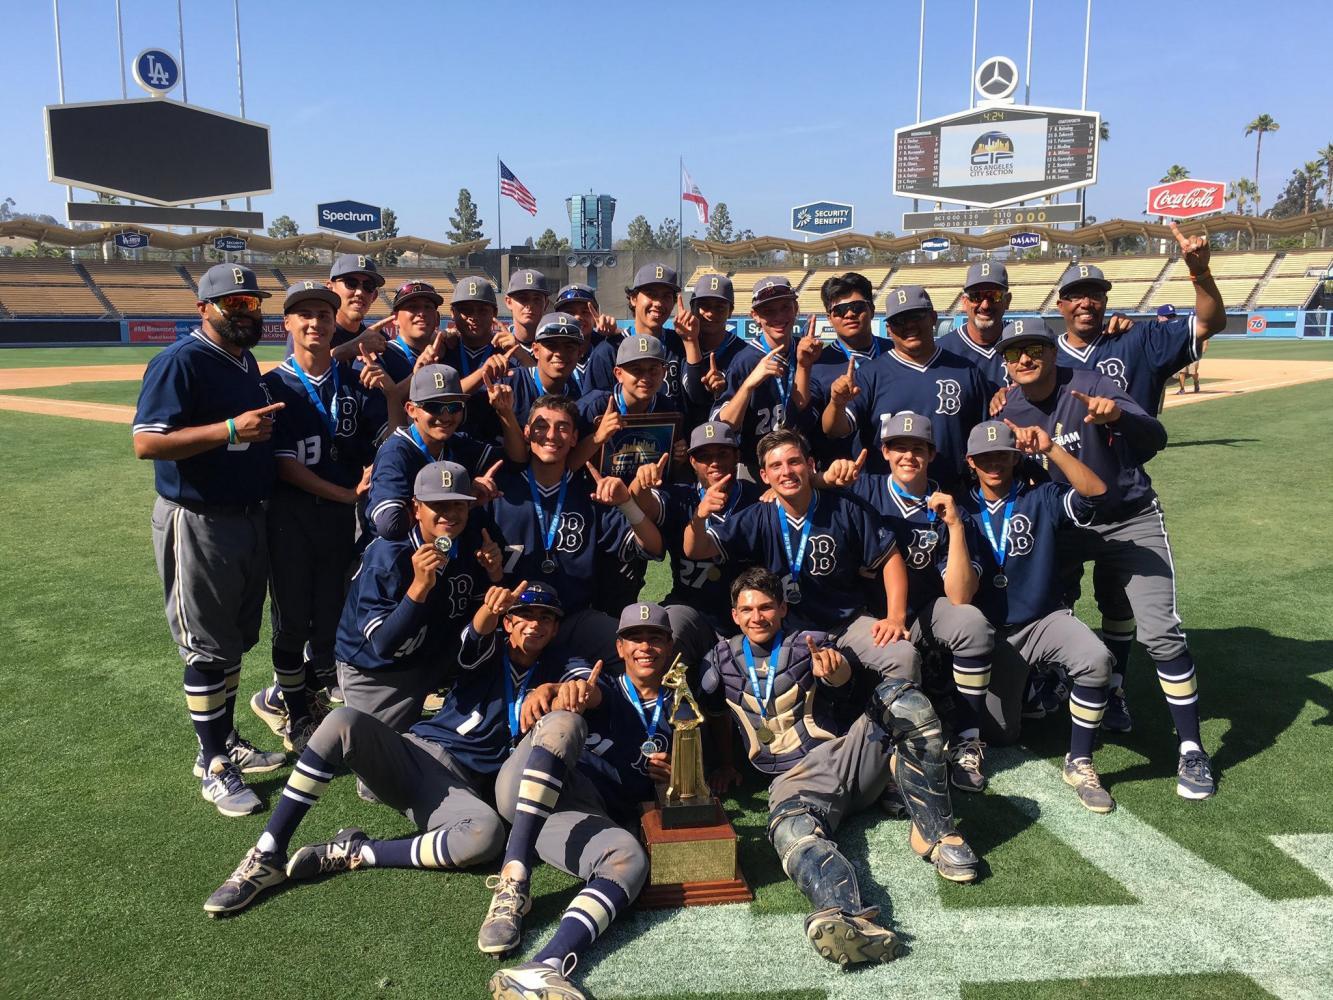 2016-2017  CIF Division 1 Los Angeles City Baseball Champions